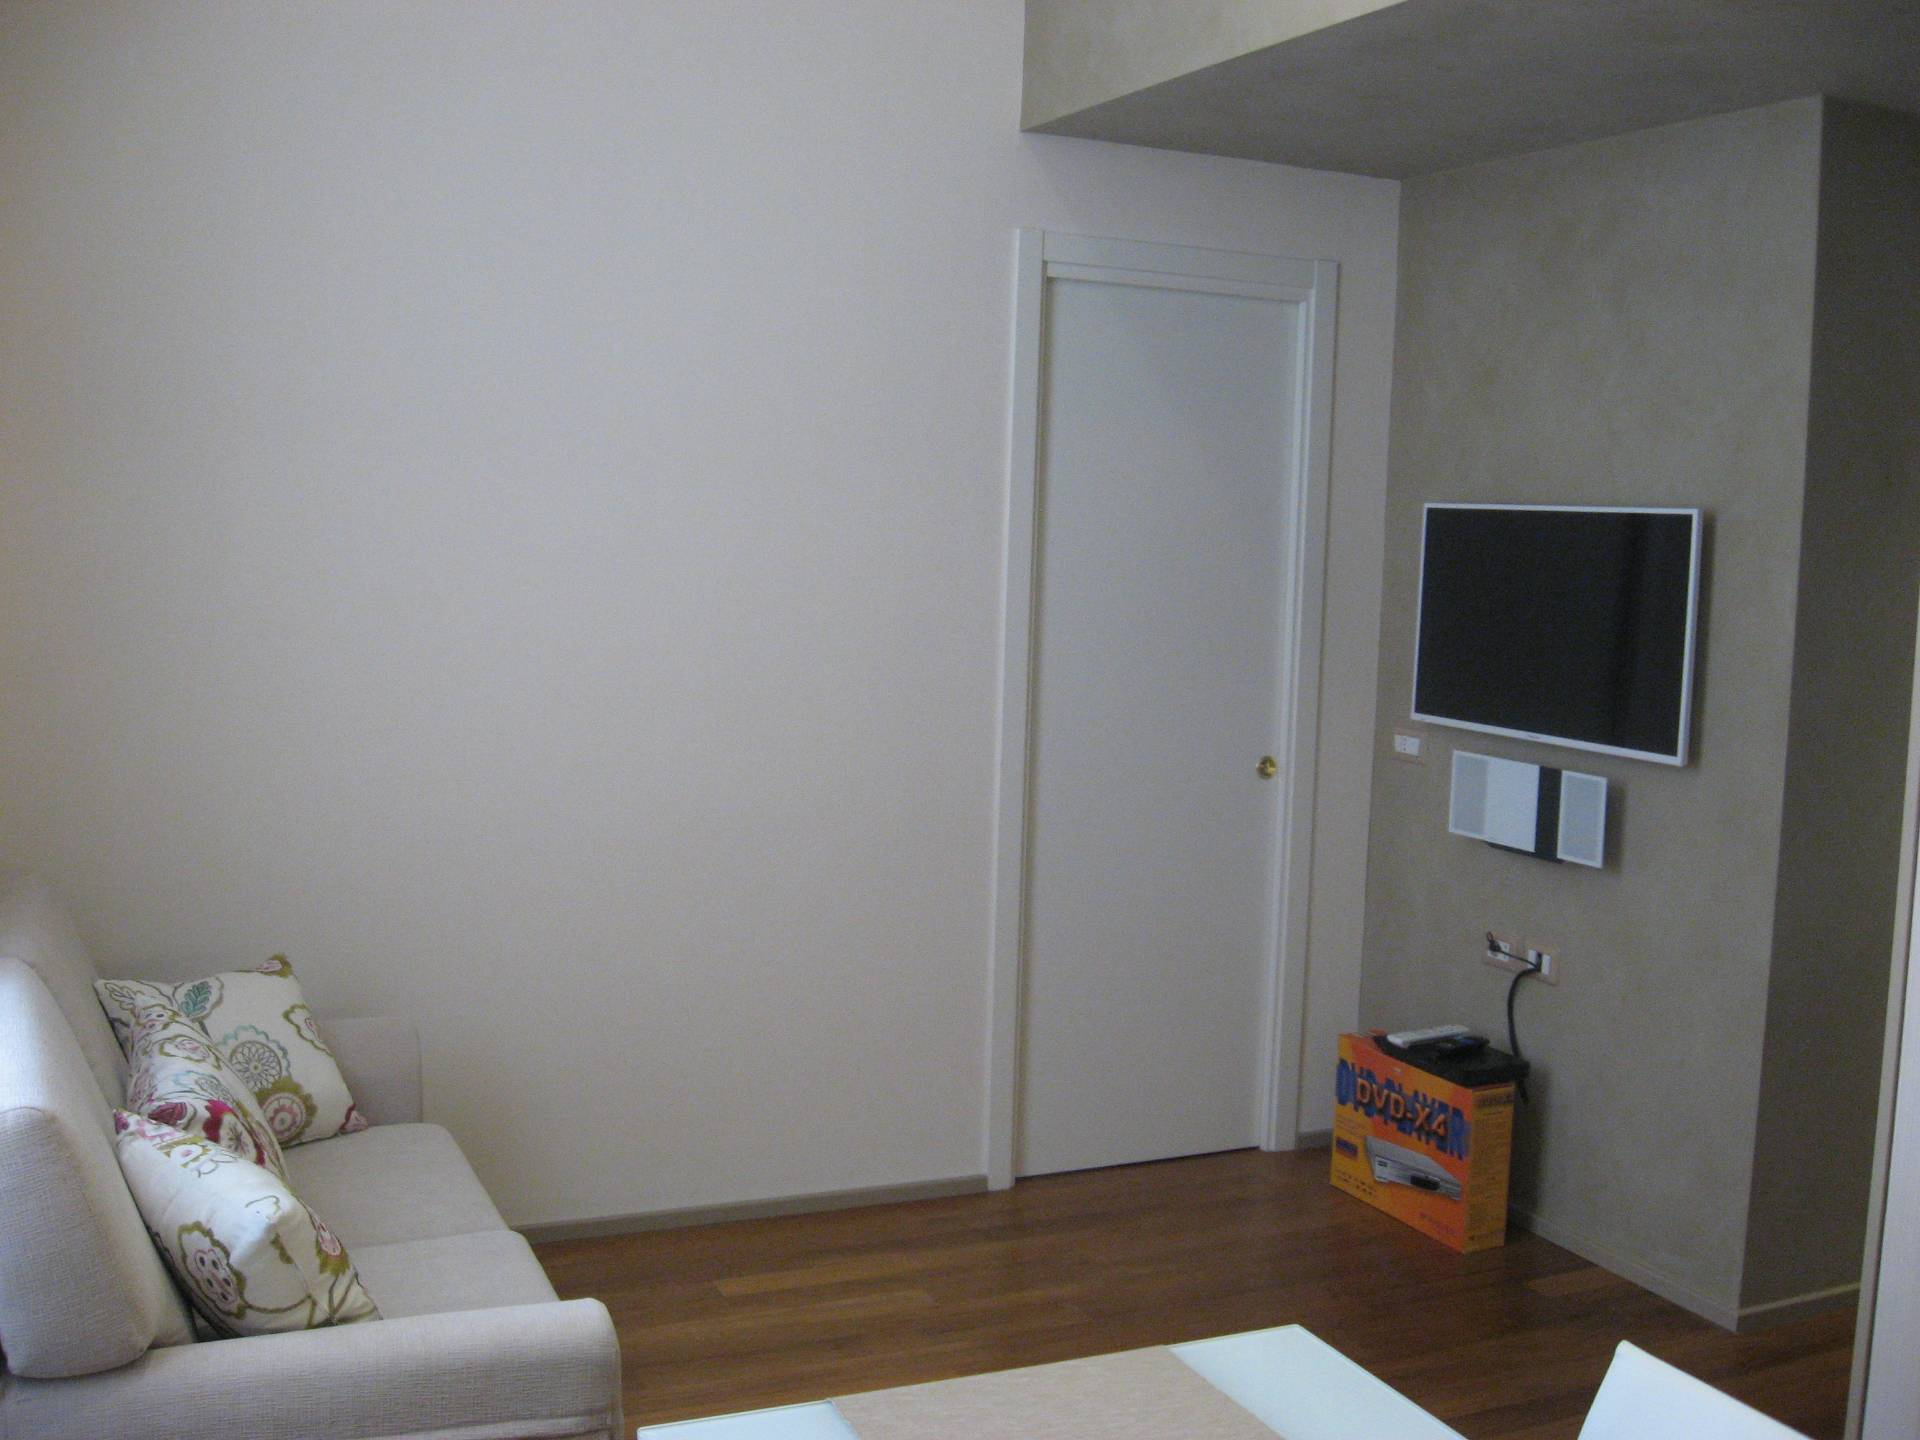 Attico / Mansarda in affitto a Chiavari, 4 locali, prezzo € 700 | CambioCasa.it